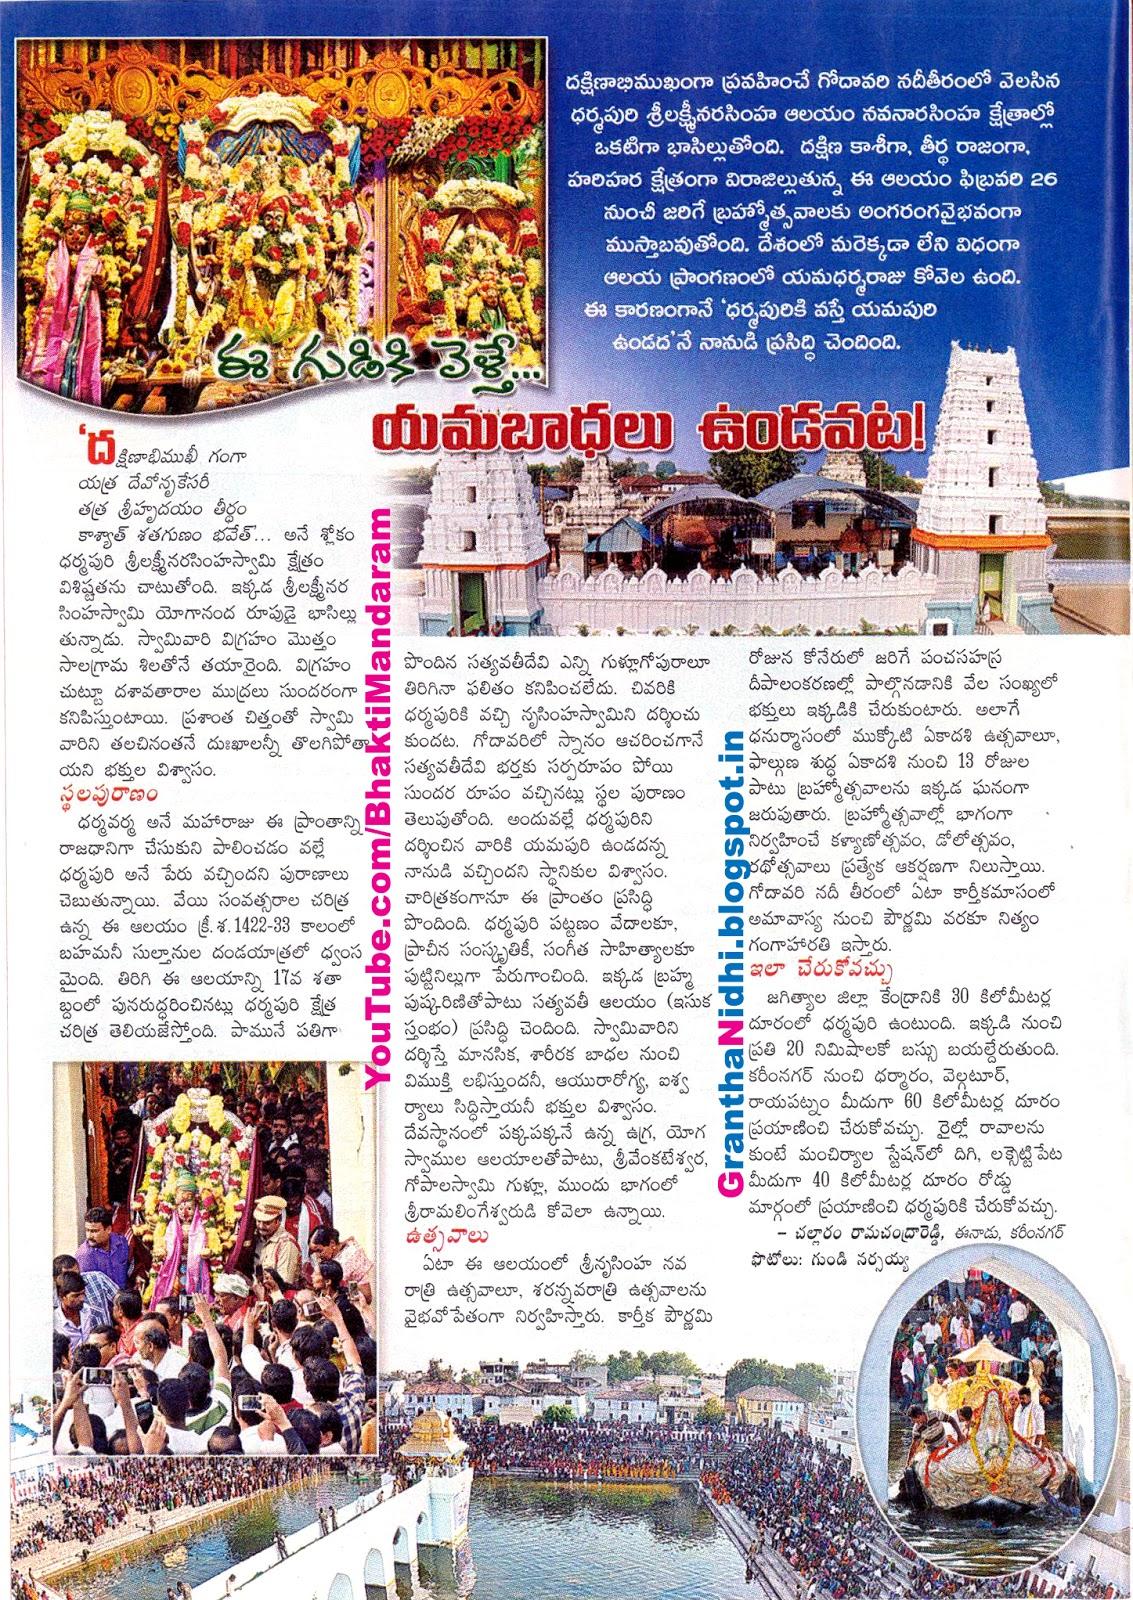 ఈ గుడికి వెళ్తే... యమబాధలు ఉండవట! DharmapuriLakshmiNarasimhaTemple DharmapuriTemple LordNarasimha LordYama LordDharmapuriTemple Eenadu SundayMagazine Sunday Magazine Eenadu Paper Bhakthi Pustakalu BhakthiPustakalu BhaktiPustakalu Bhakti Pustakalu